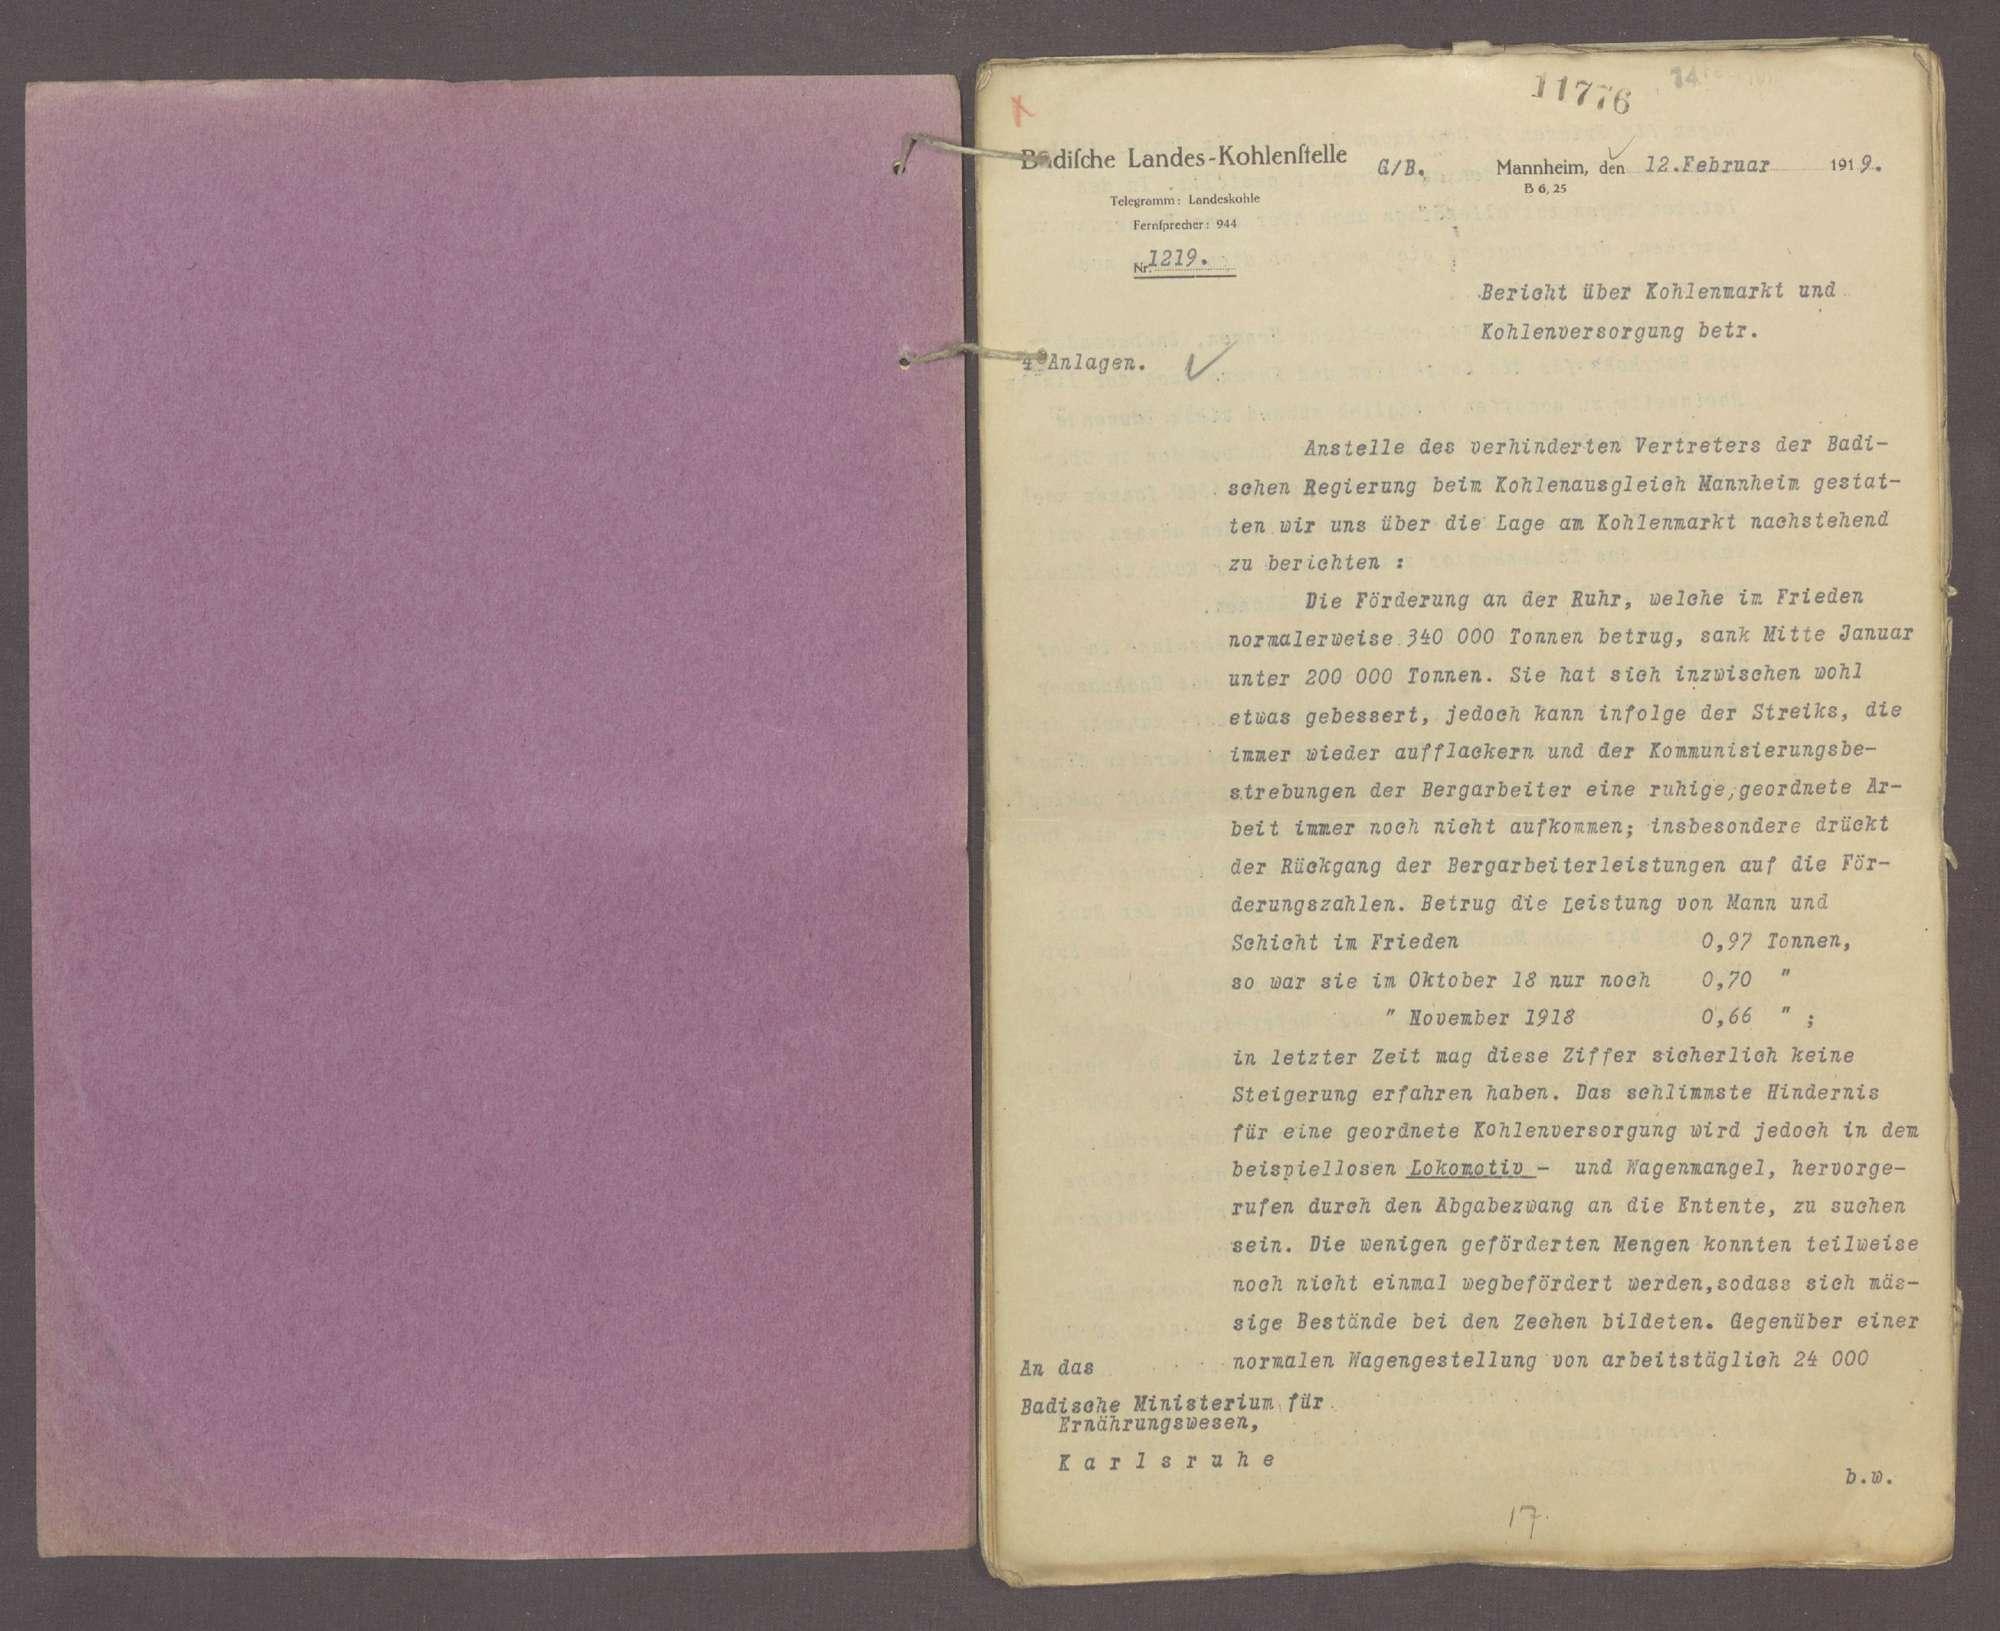 Wirtschaftliche Maßnahmen während des Krieges: Monatliche Berichte der Landeskohlenstelle Mannheim über Kohlenmarkt und Kohlenversorgung (XXVI), Bild 2